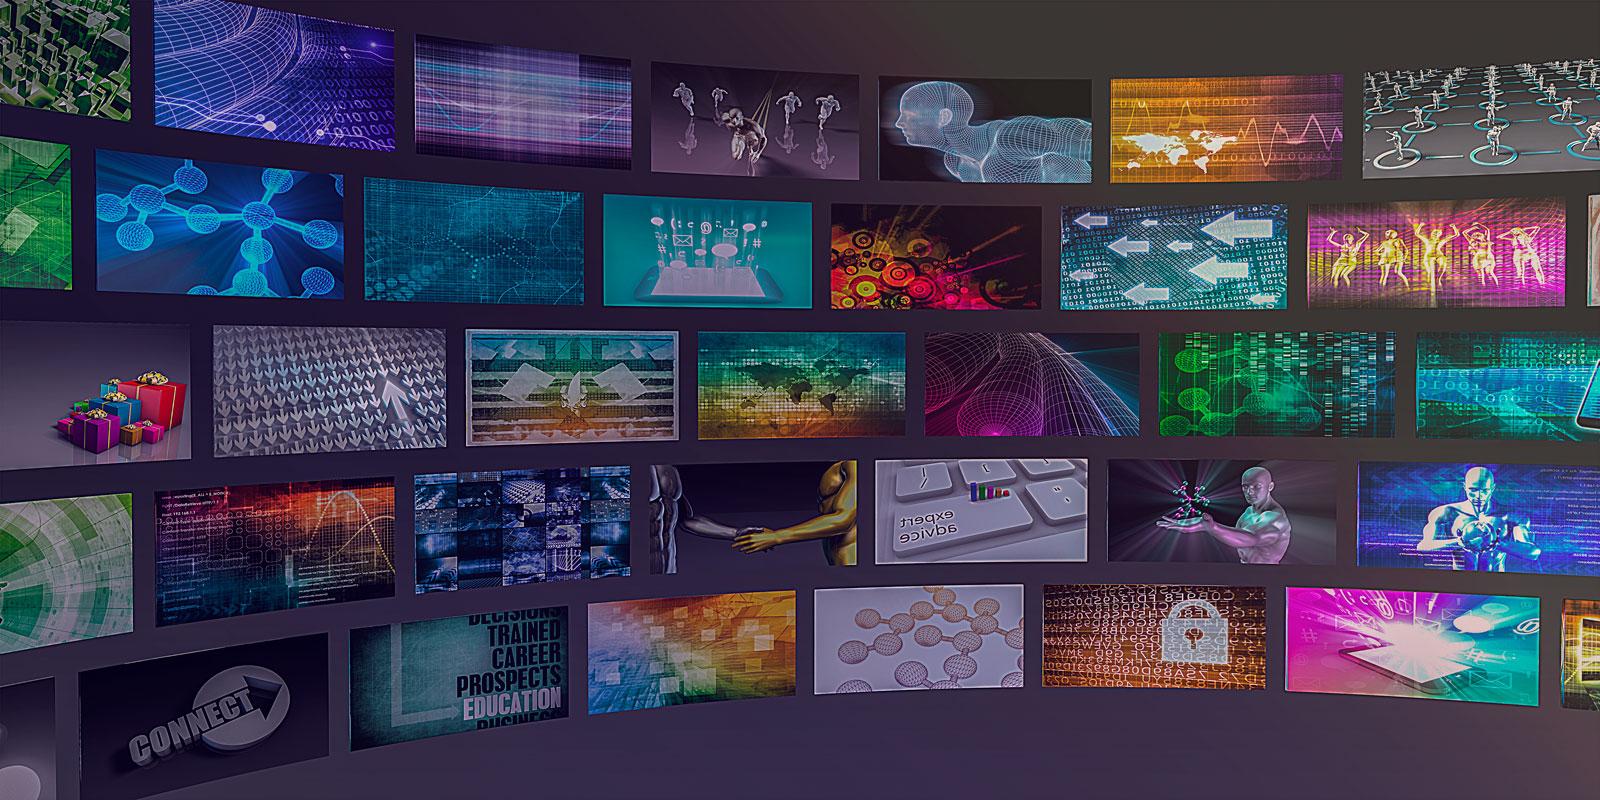 Verschiedene Bildschirme mit Informationen